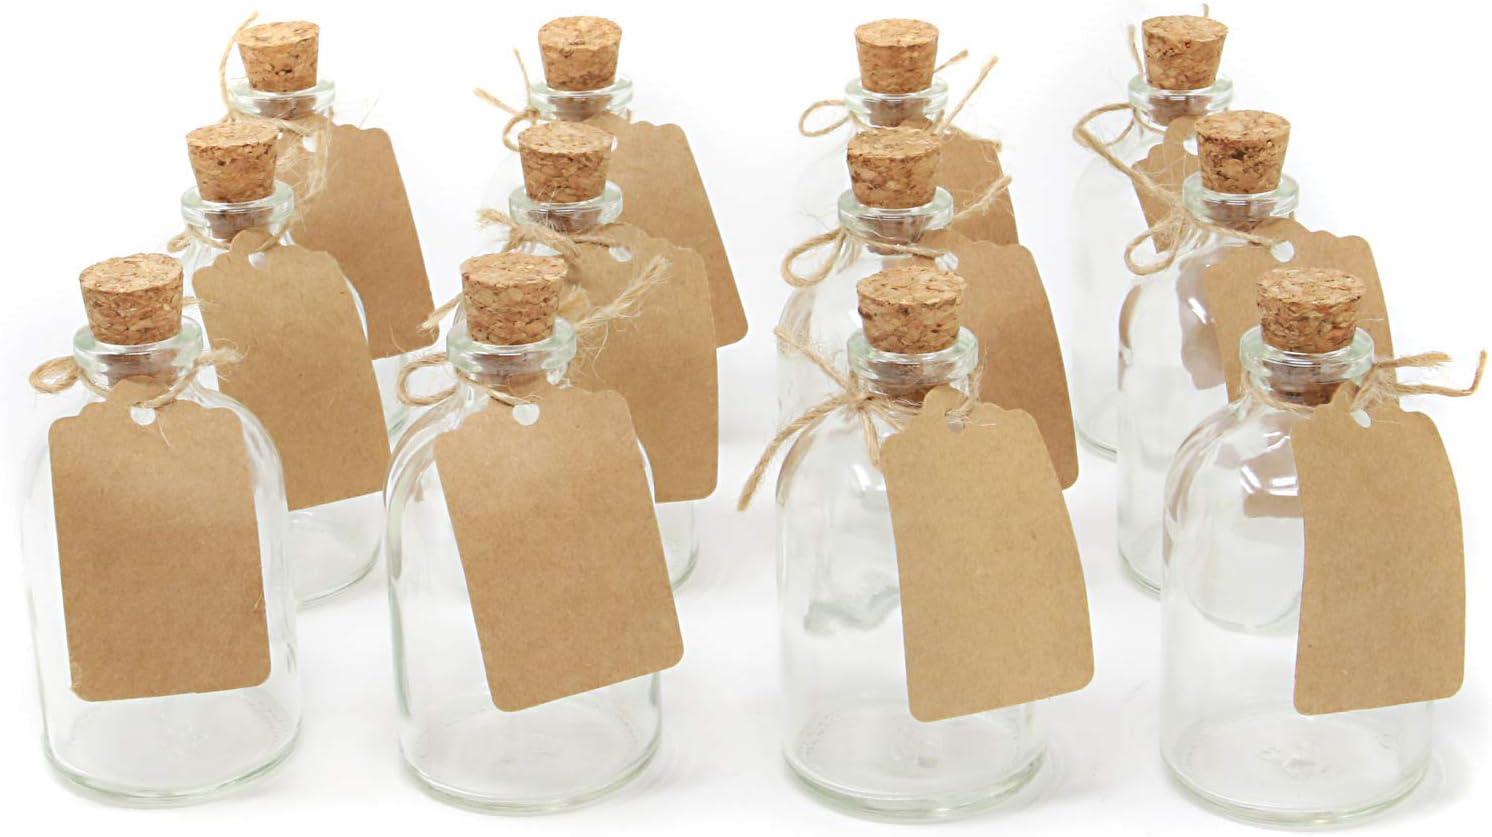 Juego de 12 botellas de vidrio mini | Favores de las decoraciones de la boda | Botellas De Vidrio De 50ml Con Tapas De Corcho | Incluye etiquetas adjuntas | Decoraciones de cocina | M&W